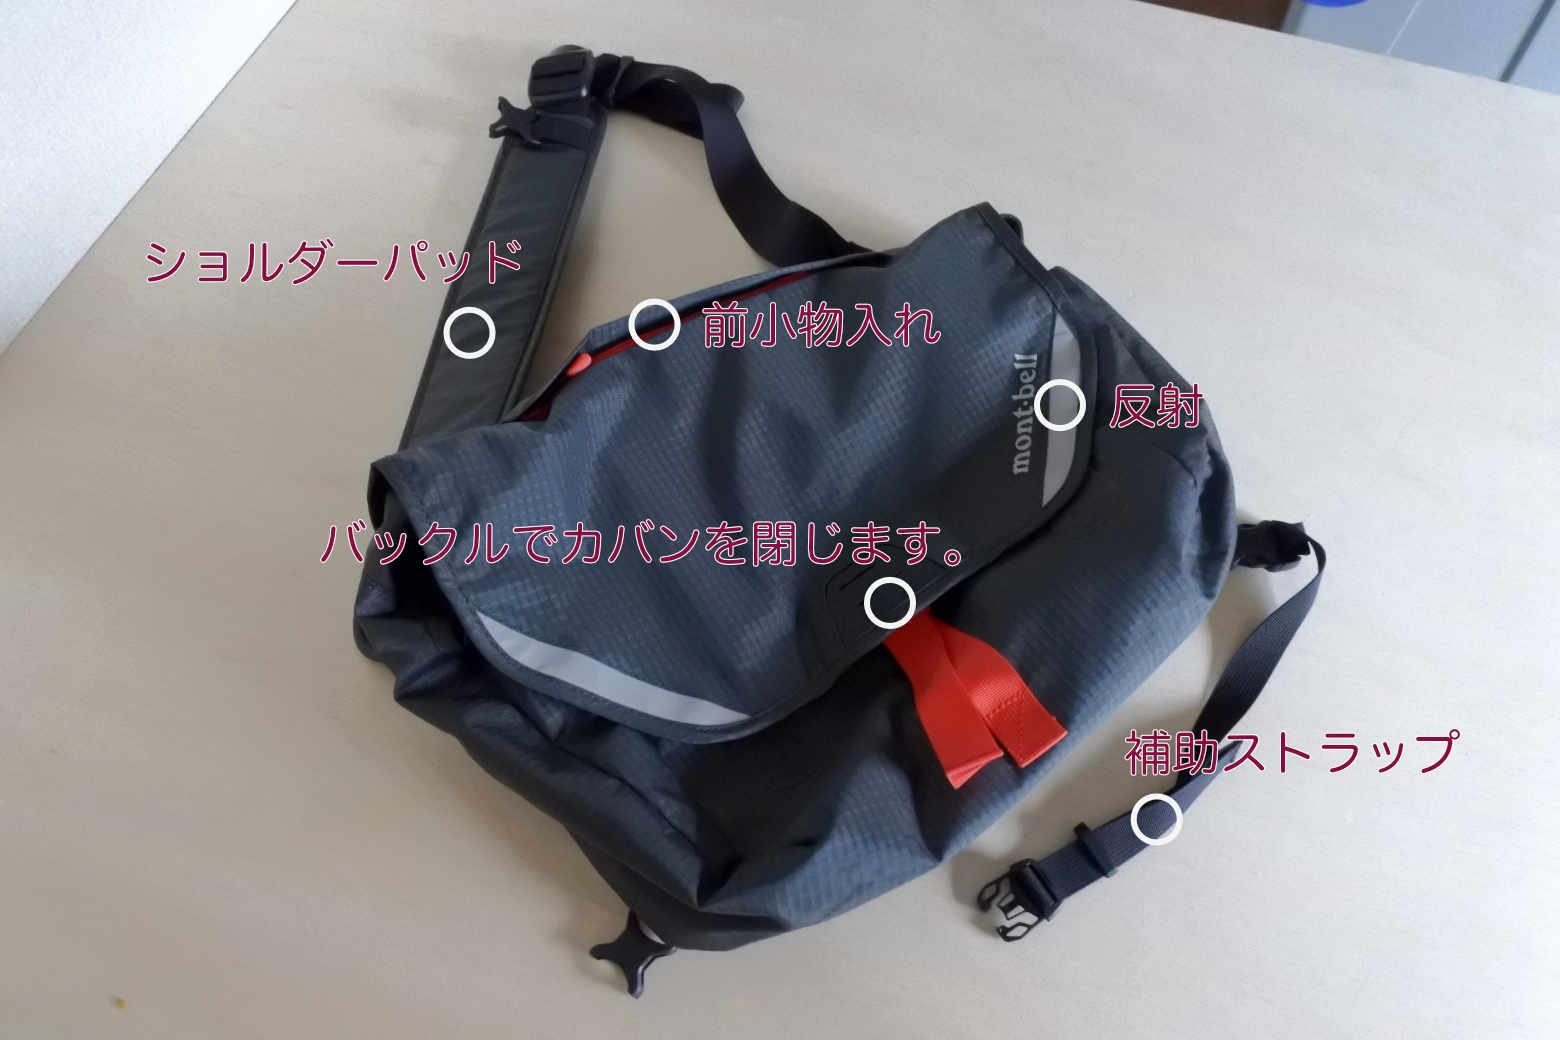 モンベルのメッセンジャーバッグ